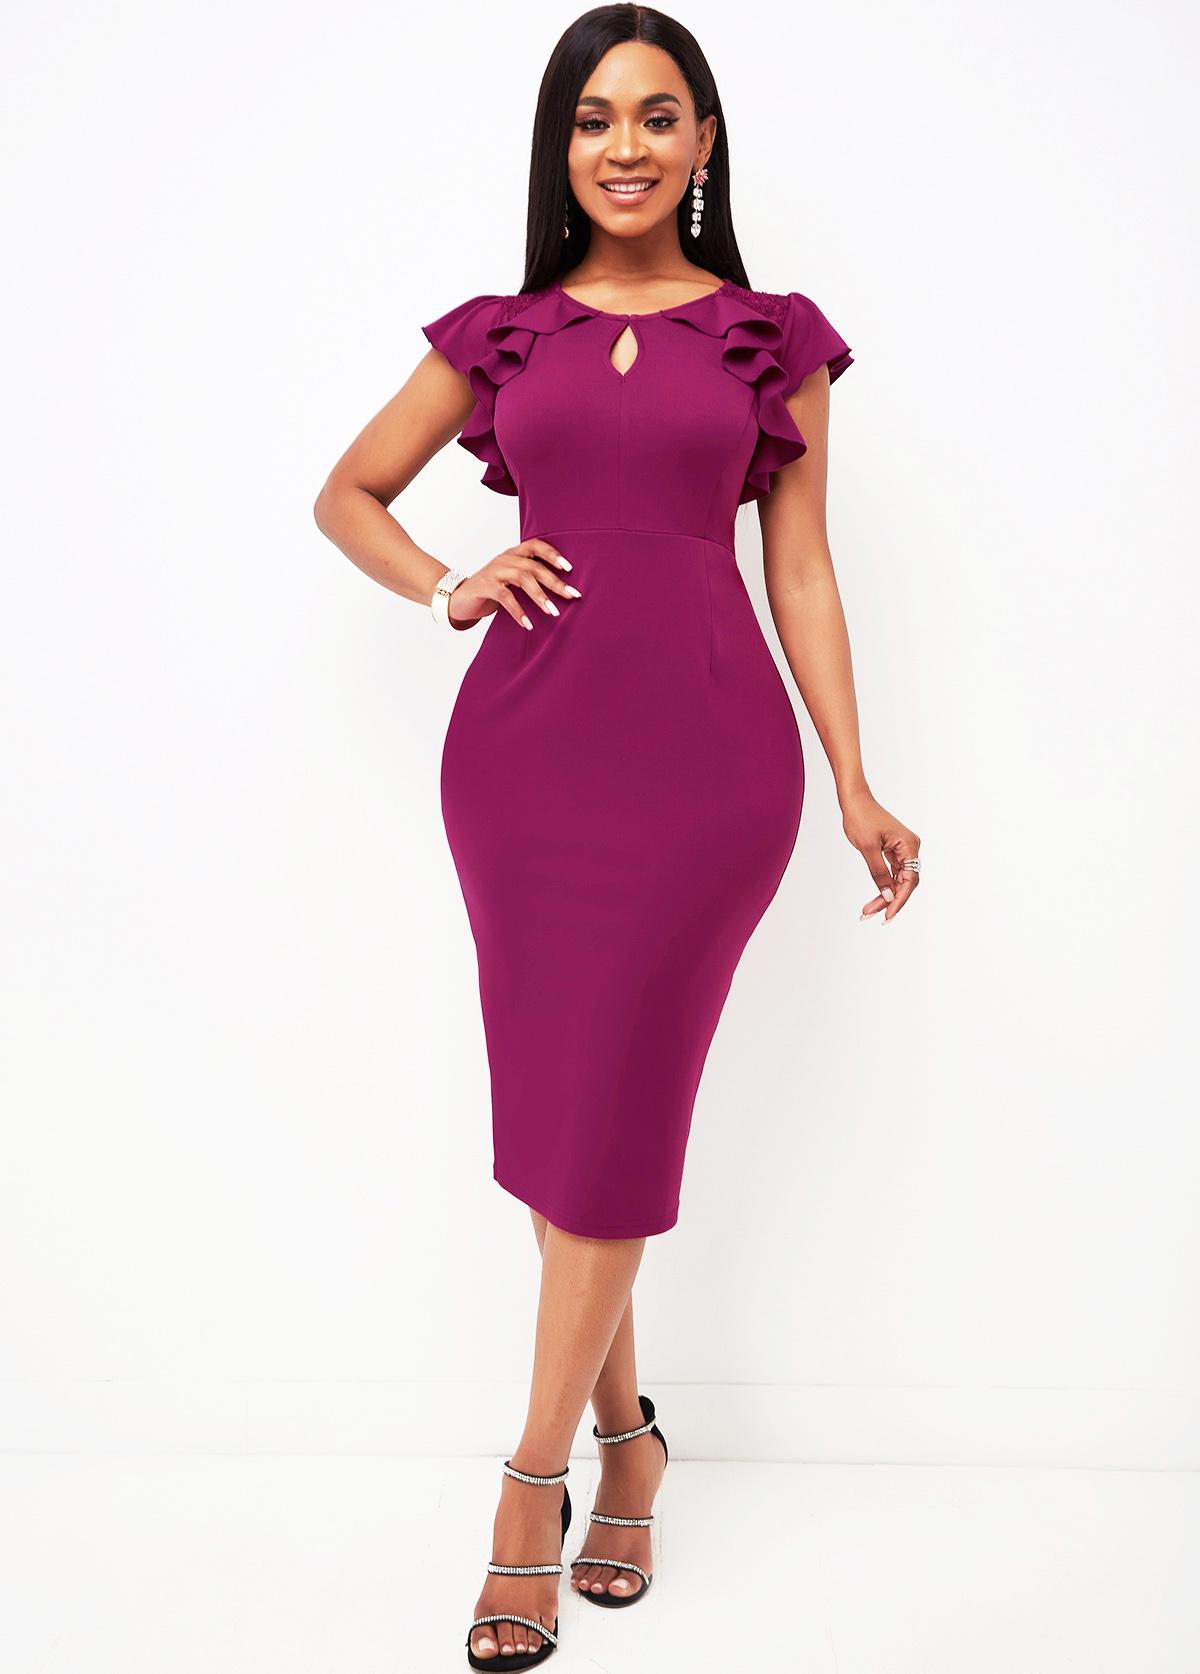 Lace Stitching Ruffle Sleeve Keyhole Neckline Dress